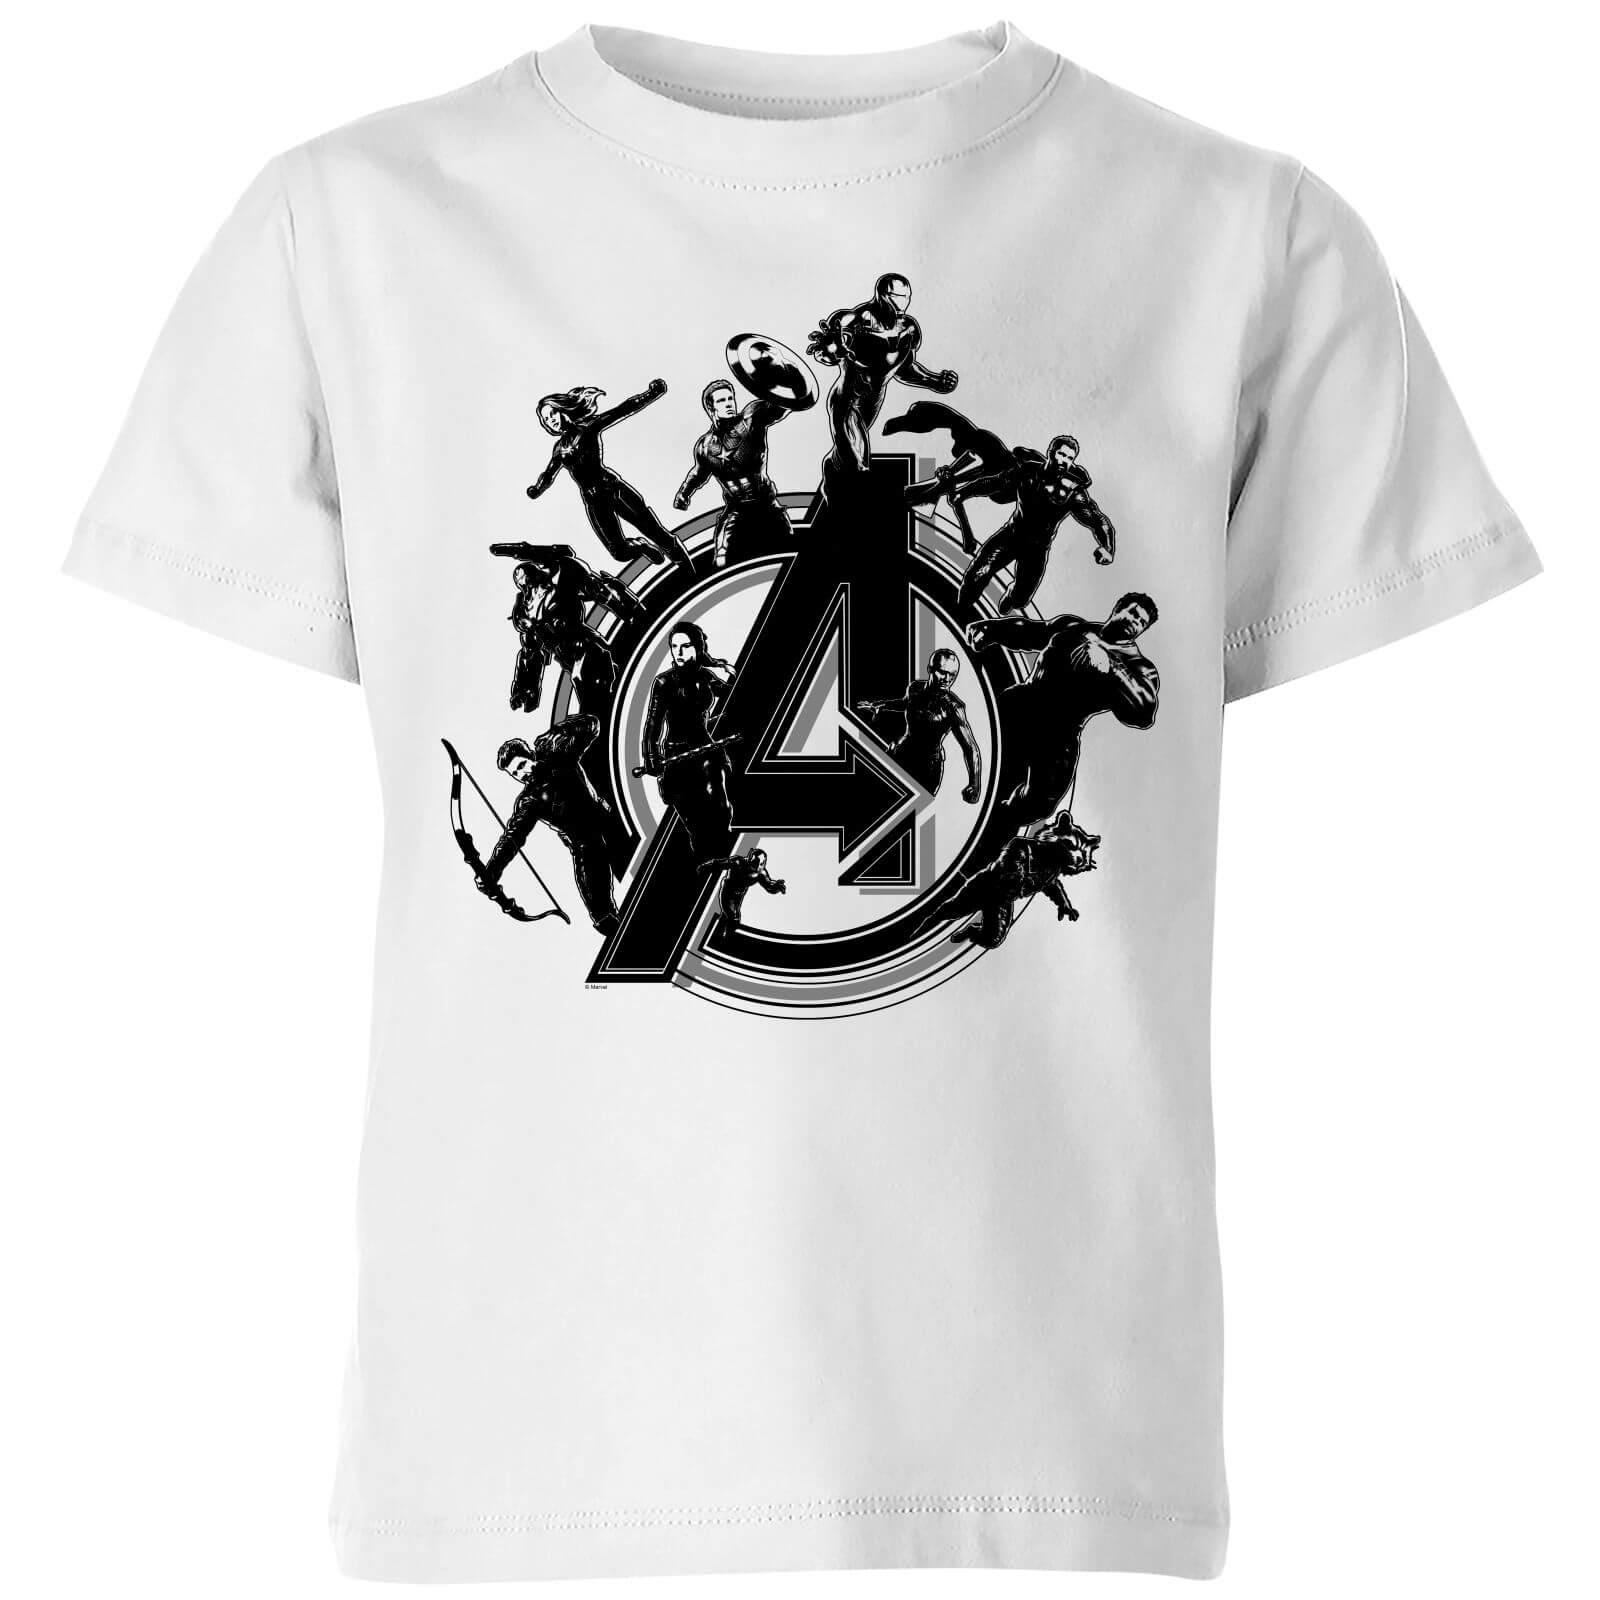 2a98da479010 Avengers Endgame Hero Circle Kids' T-Shirt - White   Pop In A Box US